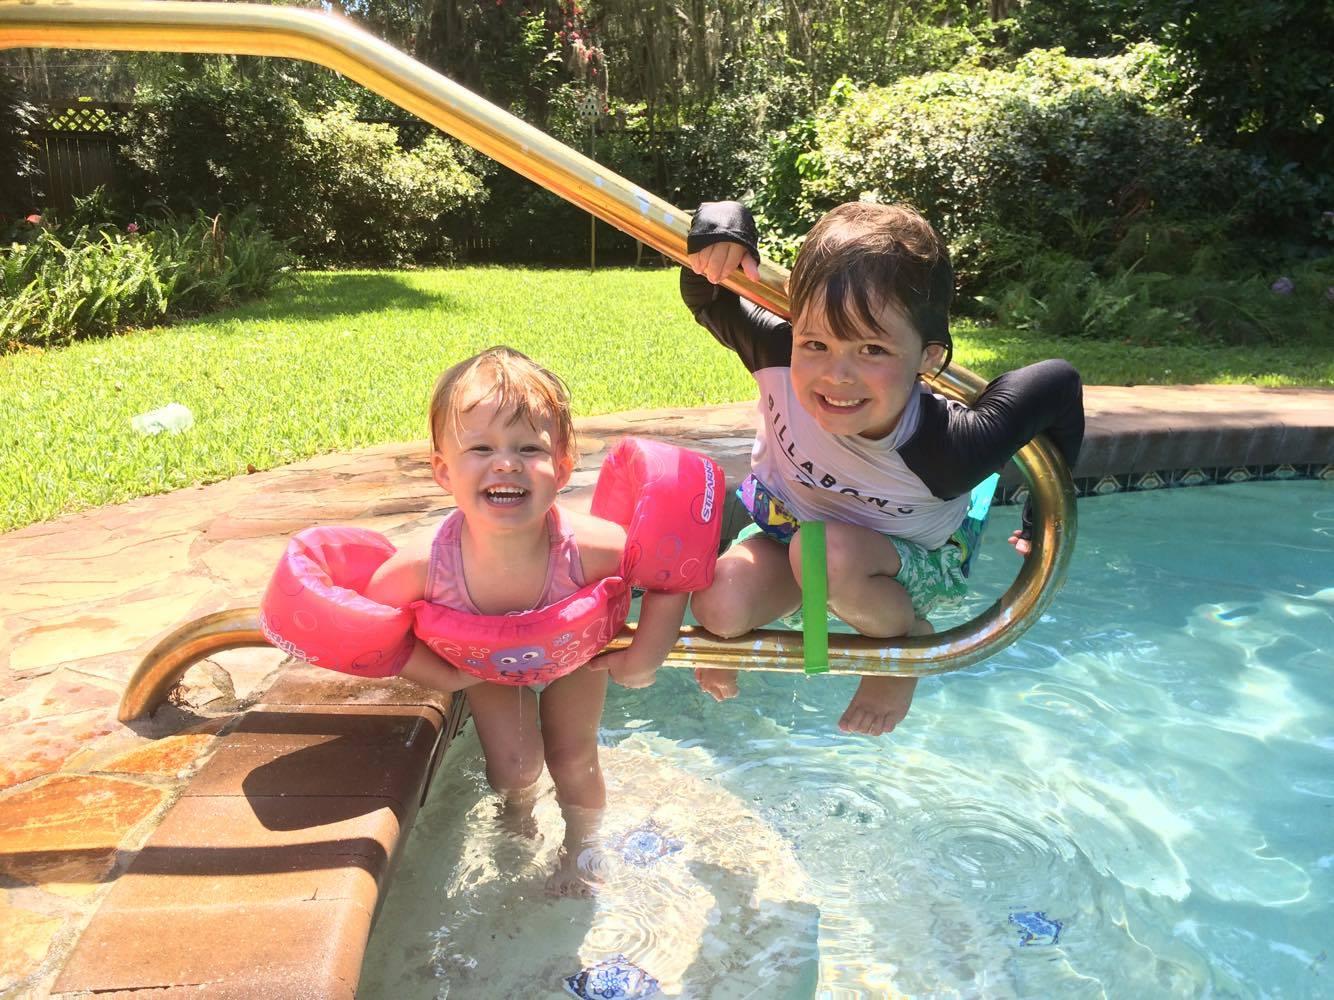 Grandma's pool on Amelia Island, Florida. Back to holiday'ing!